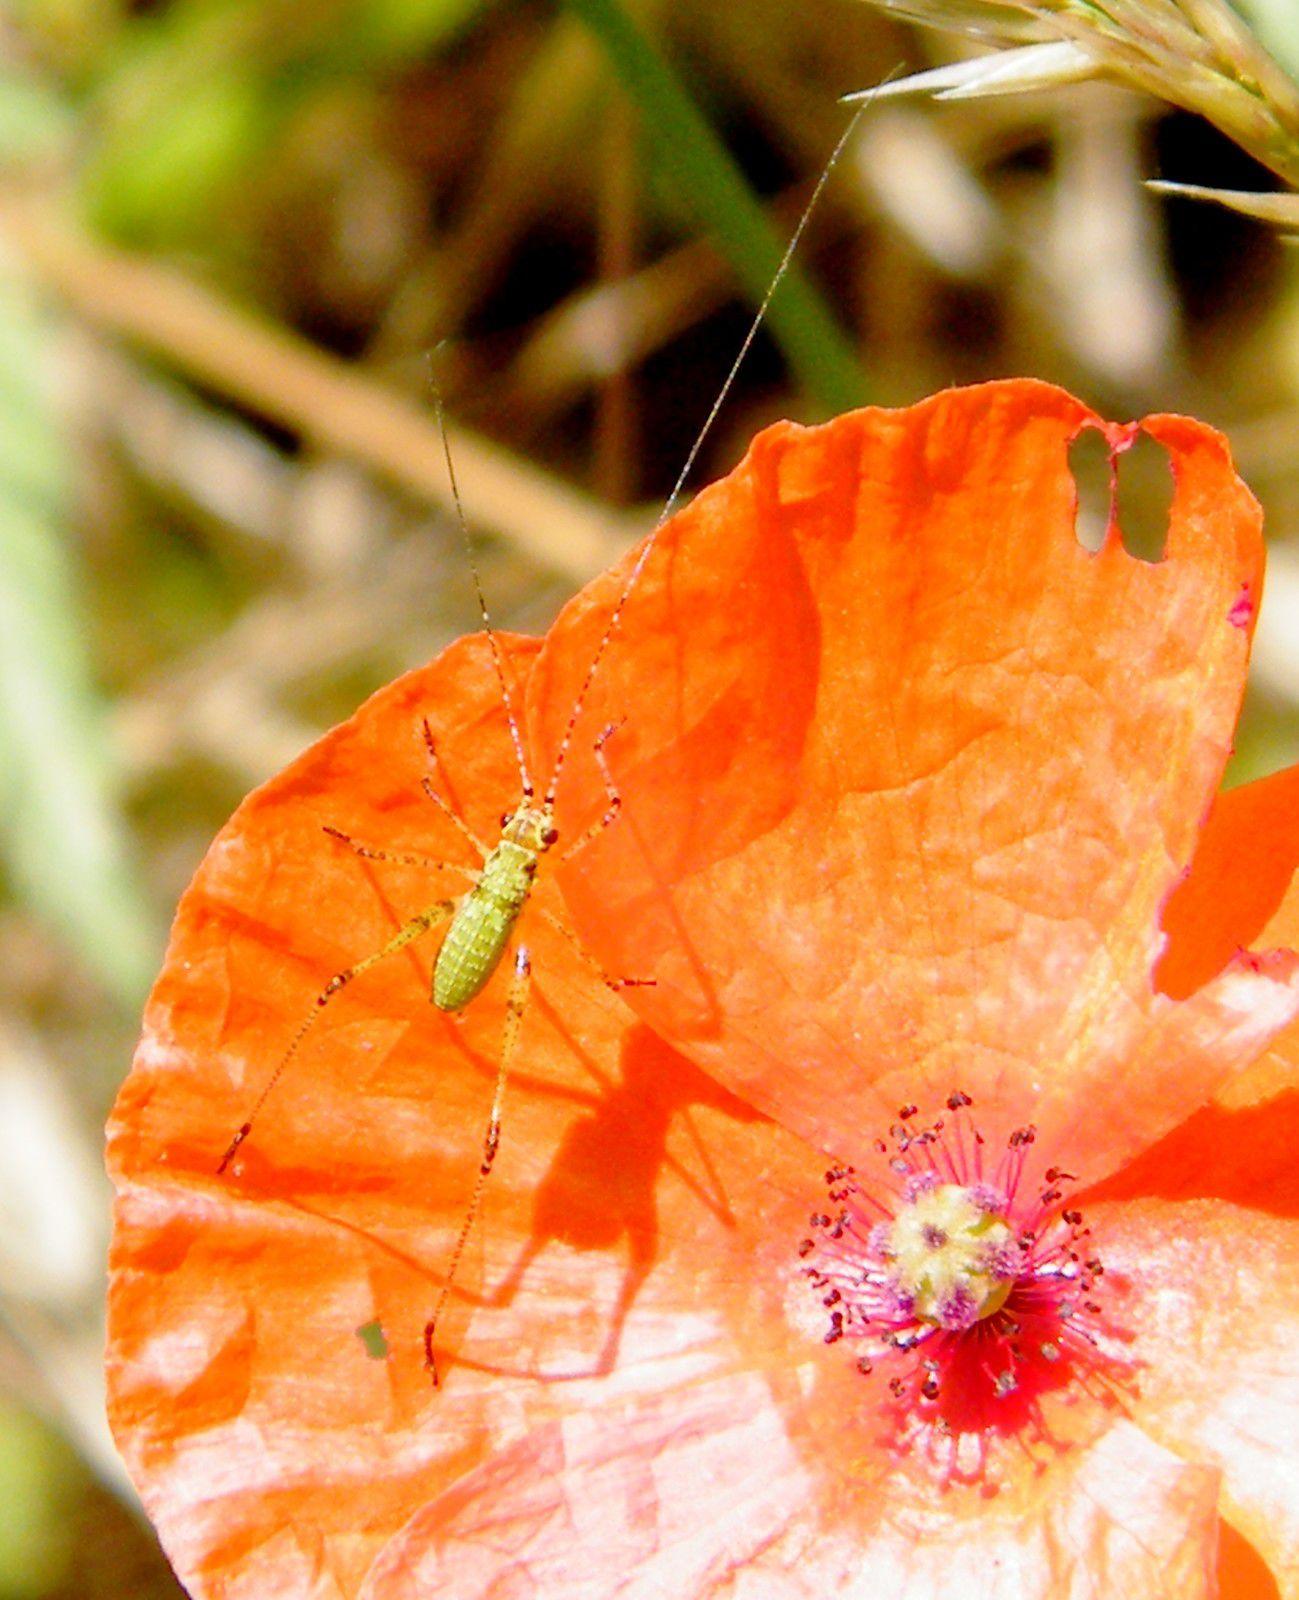 """Très jeune """"Phaneroptera nana"""" ( 3 mm ) posée sur un coquelicot - 31.05. Elle apprécie la chaleur du soleil, en particulier matinal, en étendant ses pattes postérieures vers l'arrière dans le prolongement du corps. Présente en Provence notamment."""